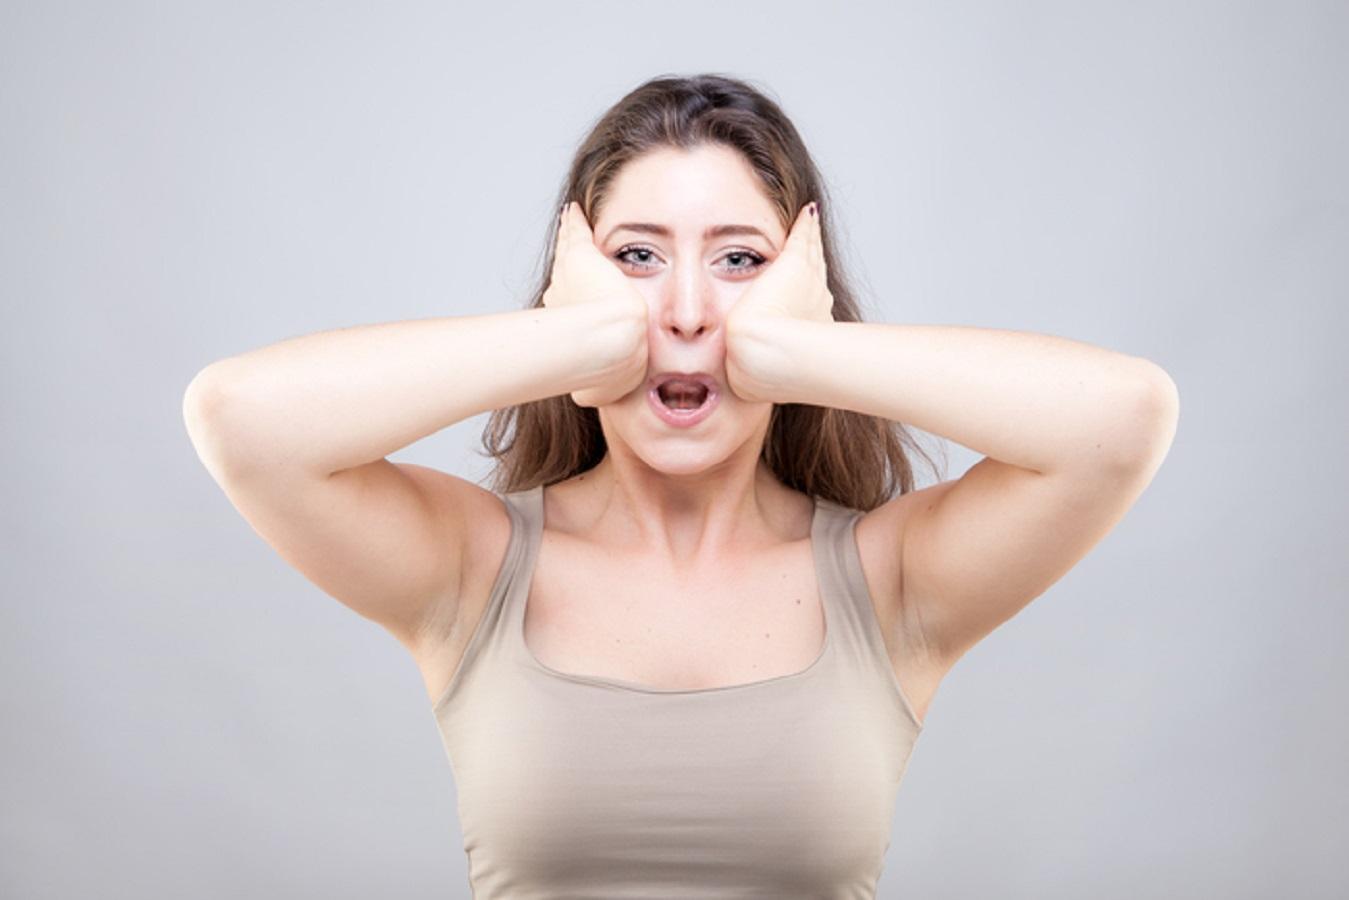 Yoga facciale, il segreto di Meghan Markle e Gwyneth Paltrow